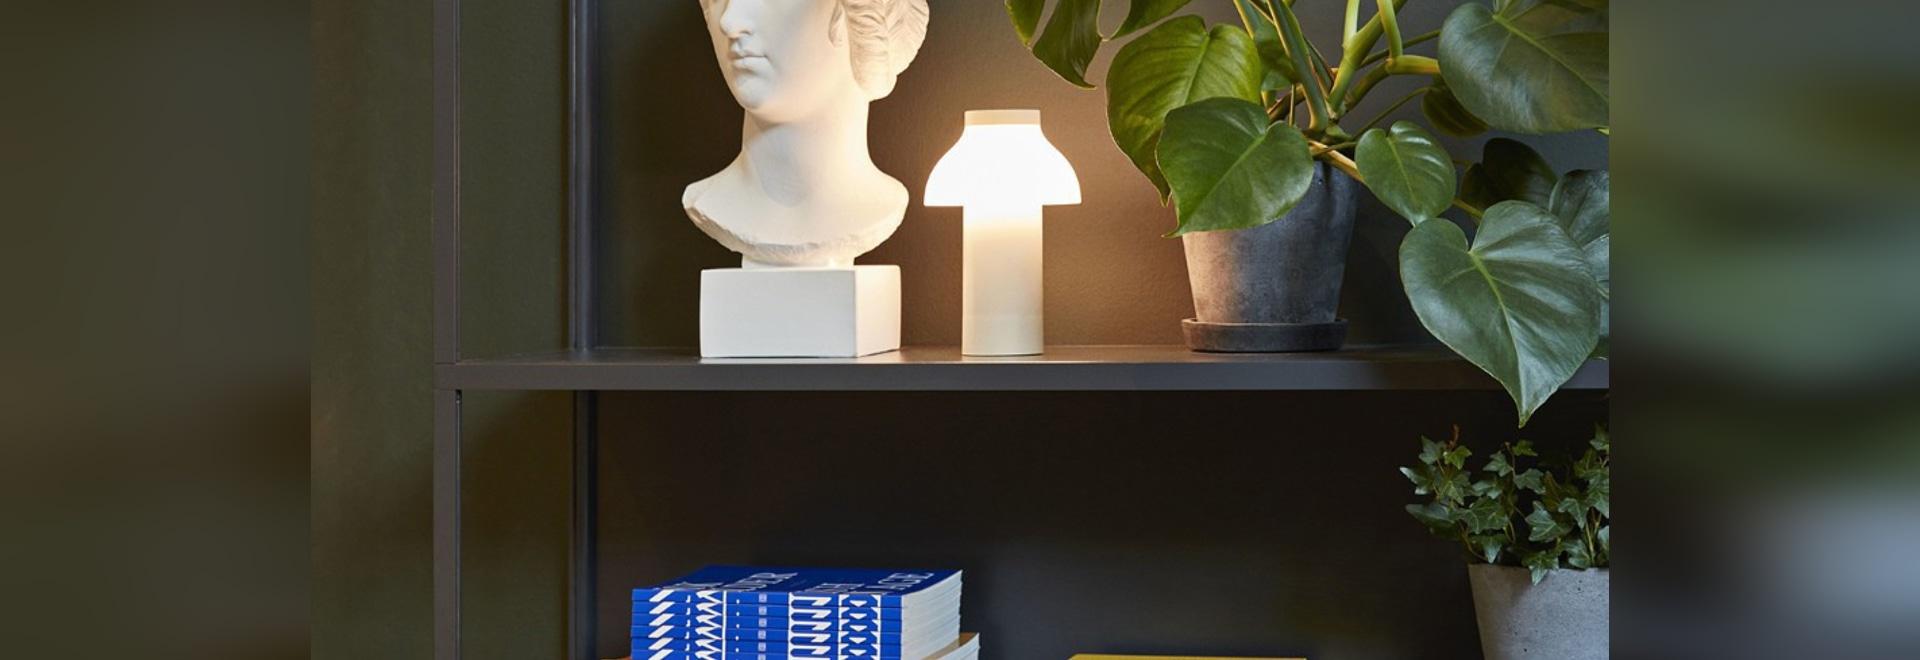 La lámpara portátil a sentir en casa dondequiera